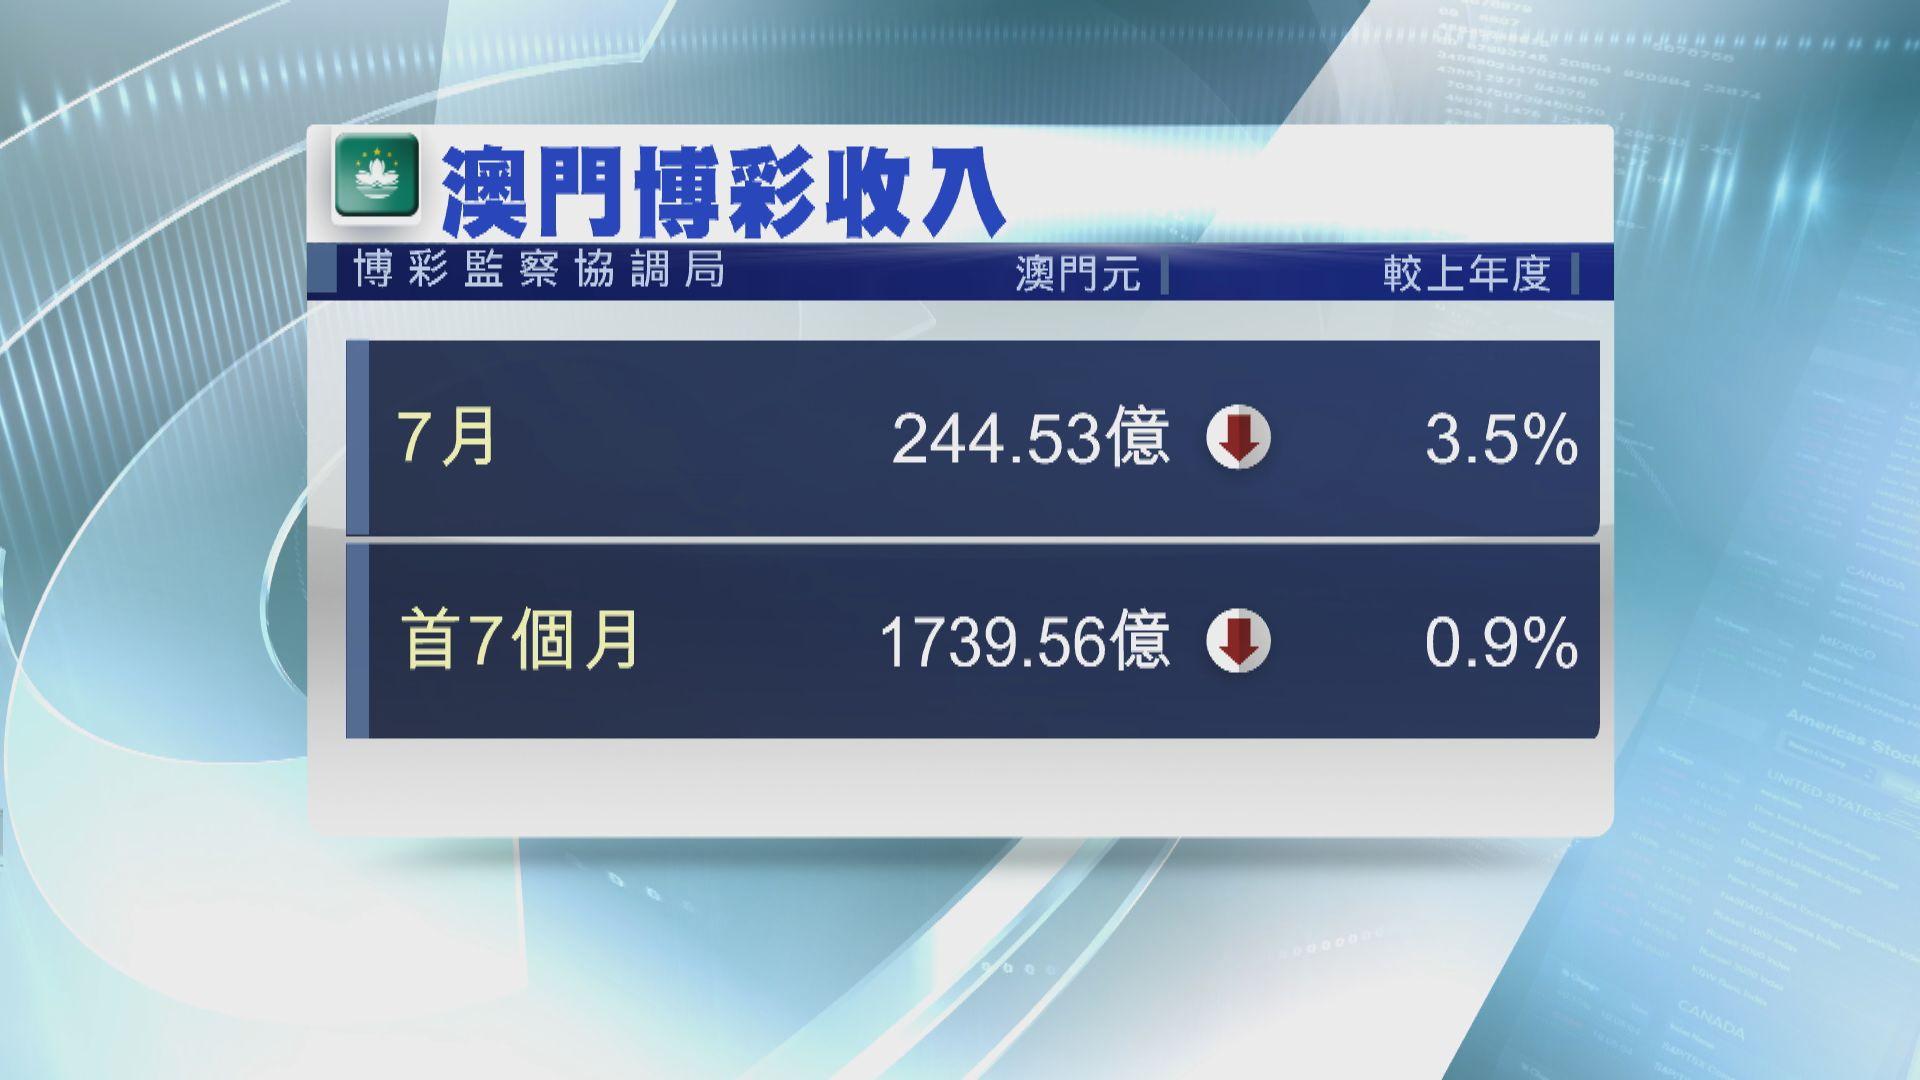 【升轉跌】澳門7月賭收按年跌3.5%